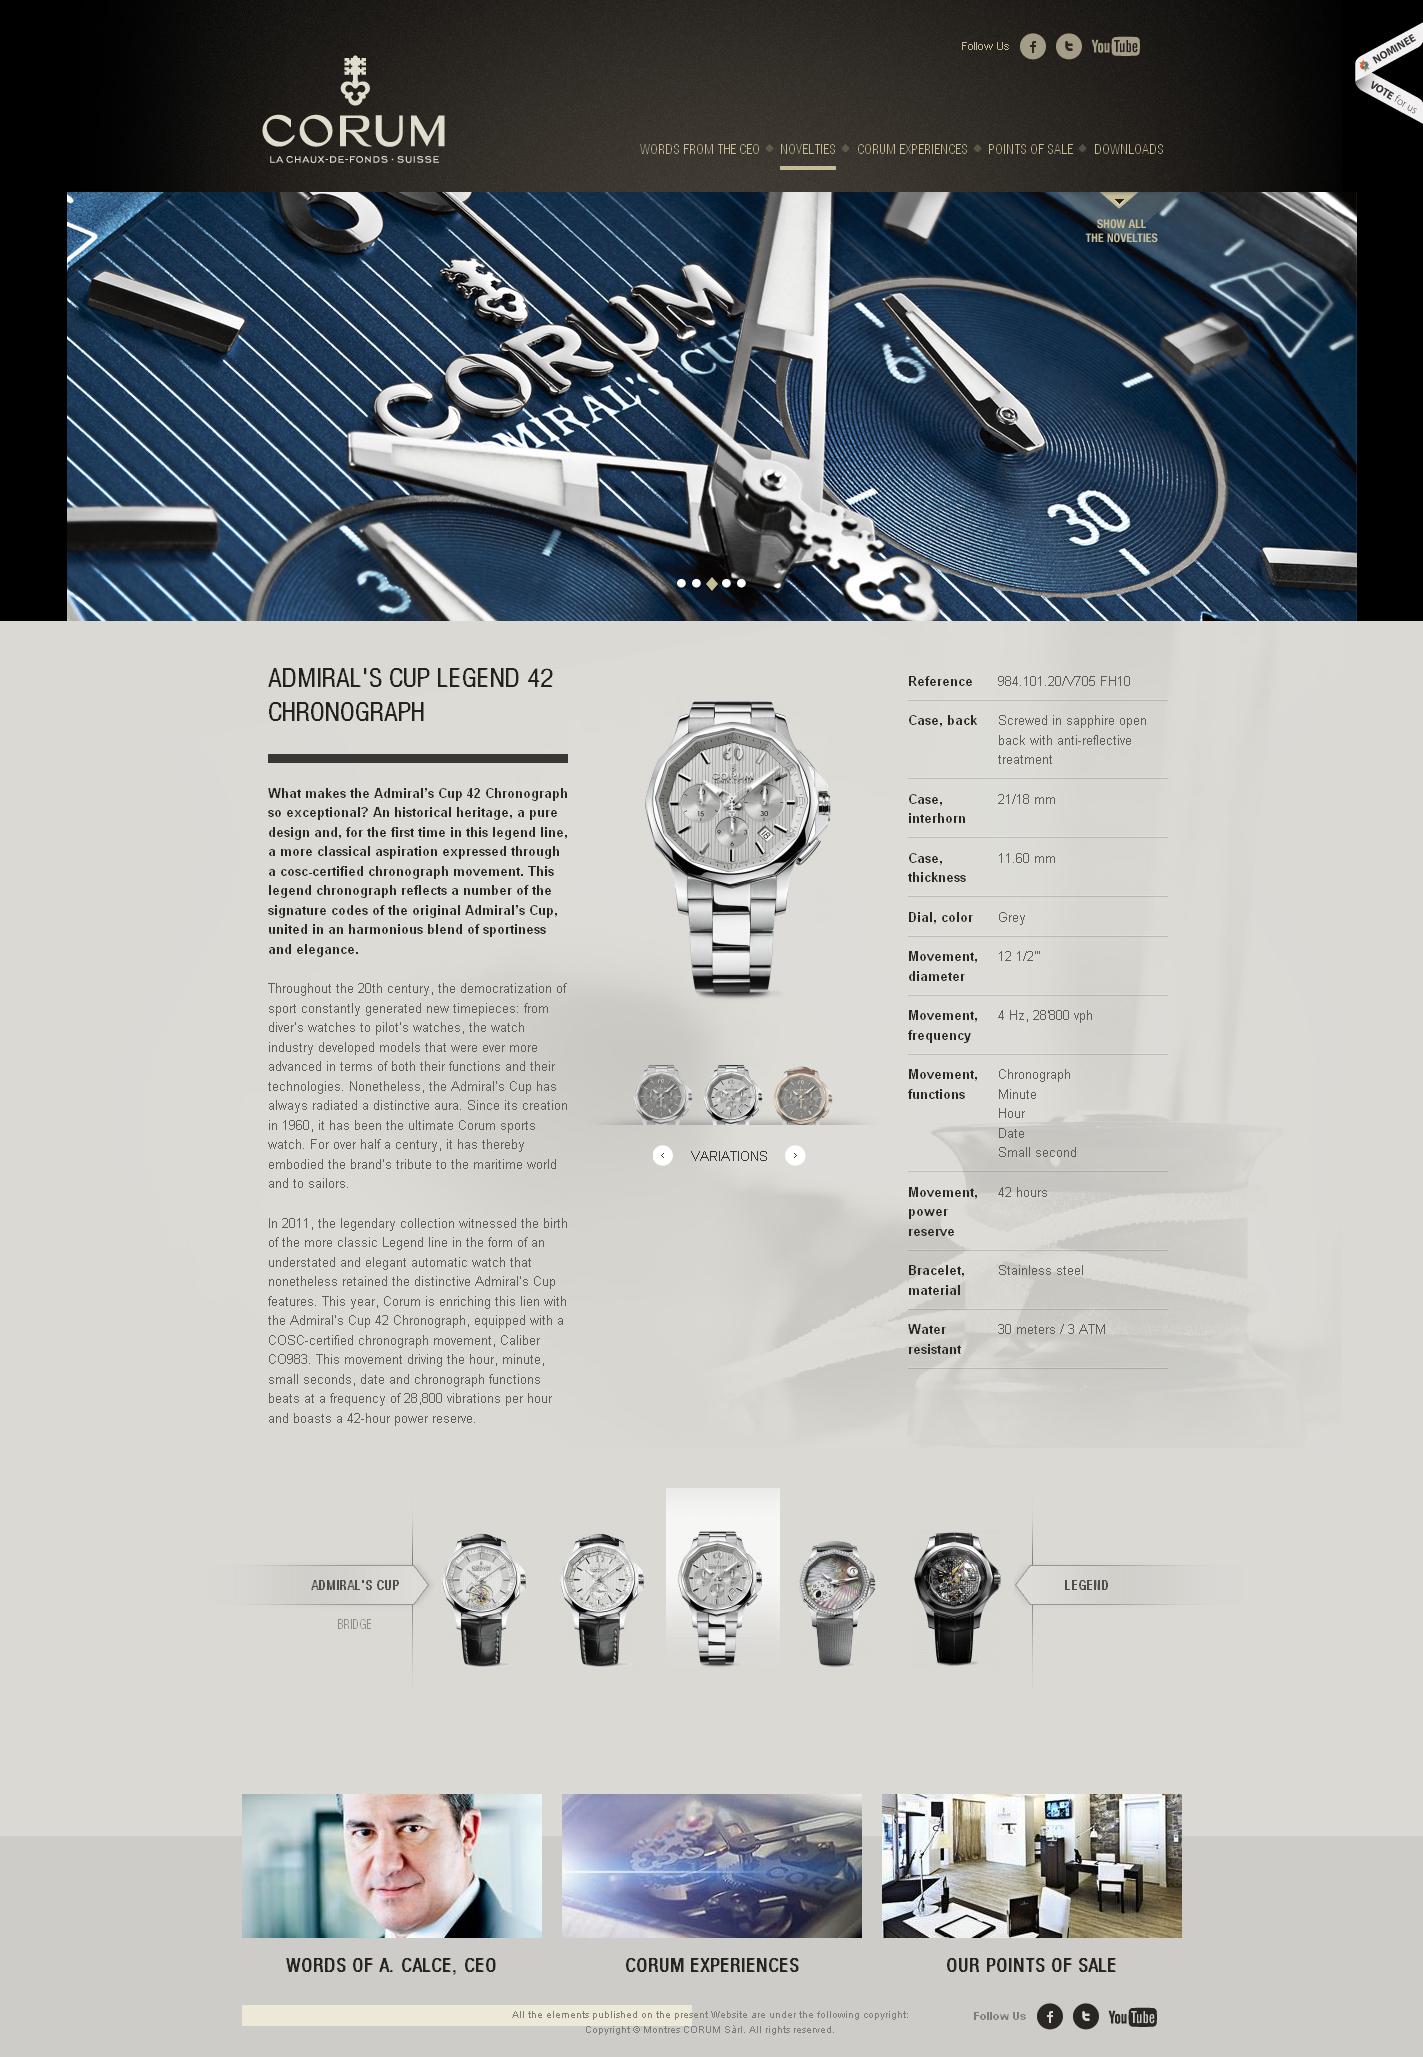 瑞士corum昆仑手表制造商产品展示酷站 25813 高清图片